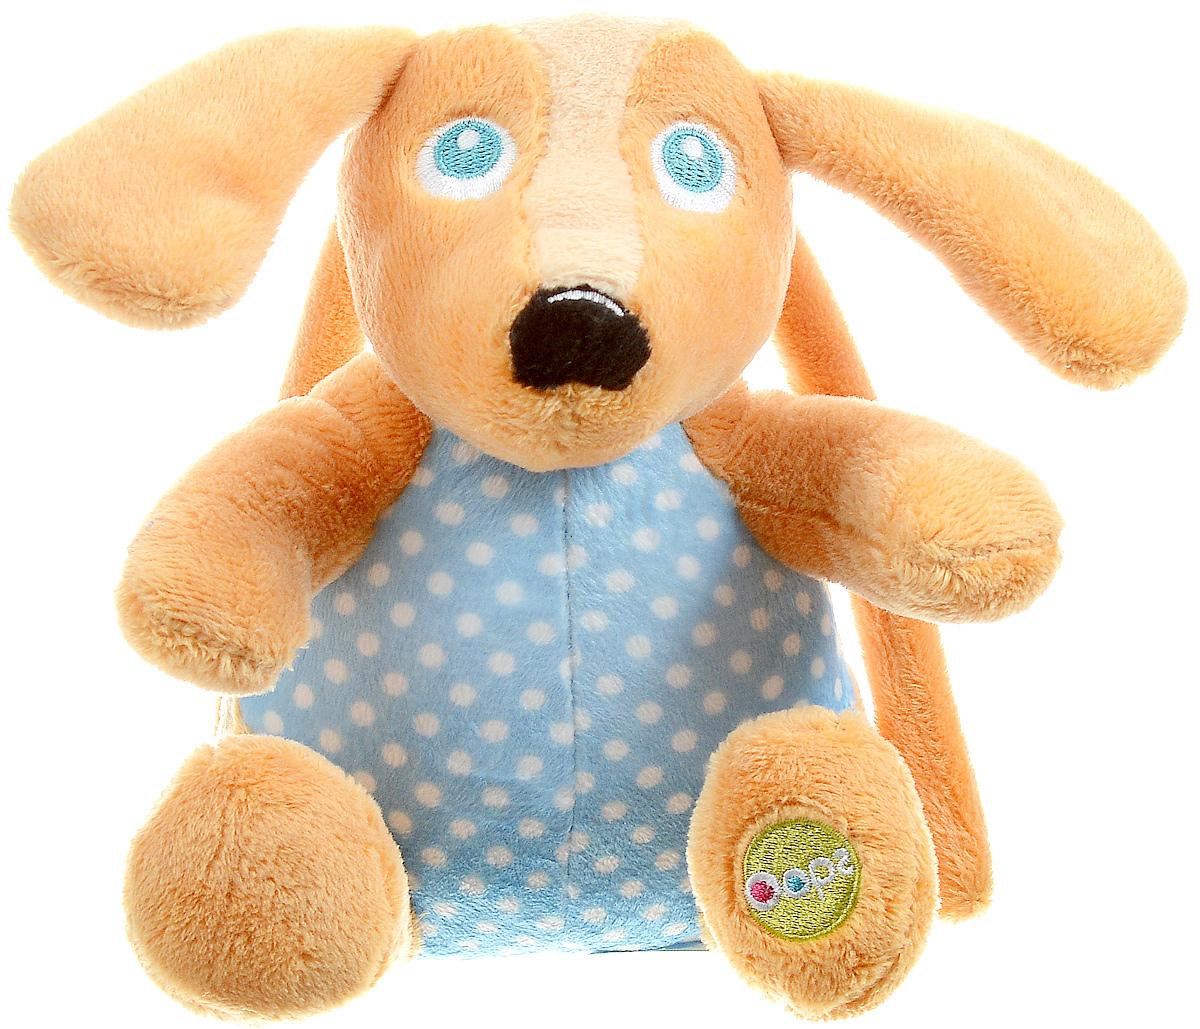 Oops Музыкальная игрушка-подвеска Собака цвет оранжевыйO 12002.00_оранжевая собакаМузыкальная игрушка-подвеска Oops Собака изготовлена из мягкого и приятного на ощупь текстиля ярких приятных тонов в виде прекрасной и милой собачки. Если вы потяните за пластиковое кольцо вниз, малыш услышит негромкую успокаивающую мелодию, которая заменит наскучившие колыбельные и поможет ему заснуть. Подвеска выполнена из гипоаллергенного волокна. Крепиться к кровати с помощью специальных веревочек. Игрушка-подвеска Oops Собака развивает слух, моторику, зрительно-цветовое восприятие и обладает релаксирующим воздействием.